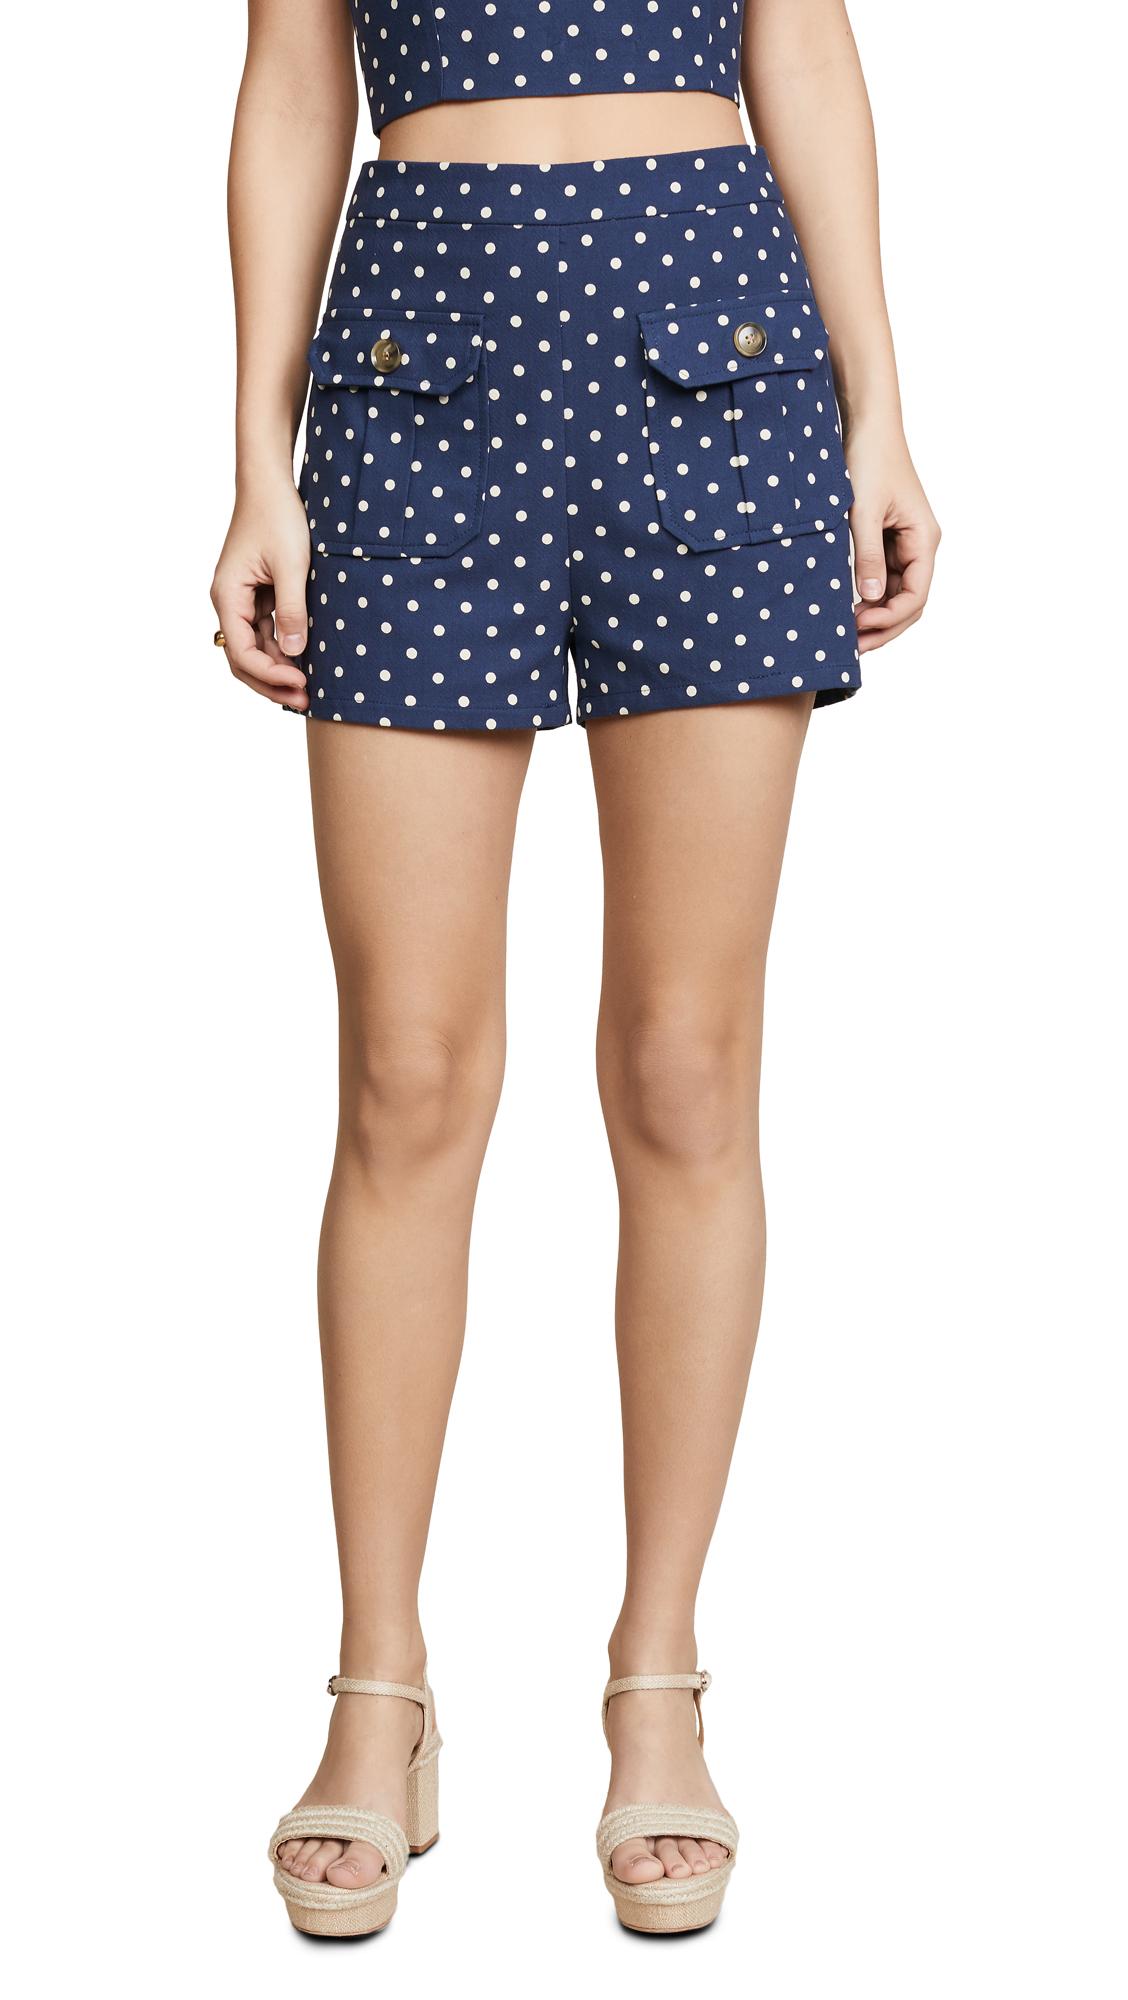 re: named Polka Dot Shorts - Navy